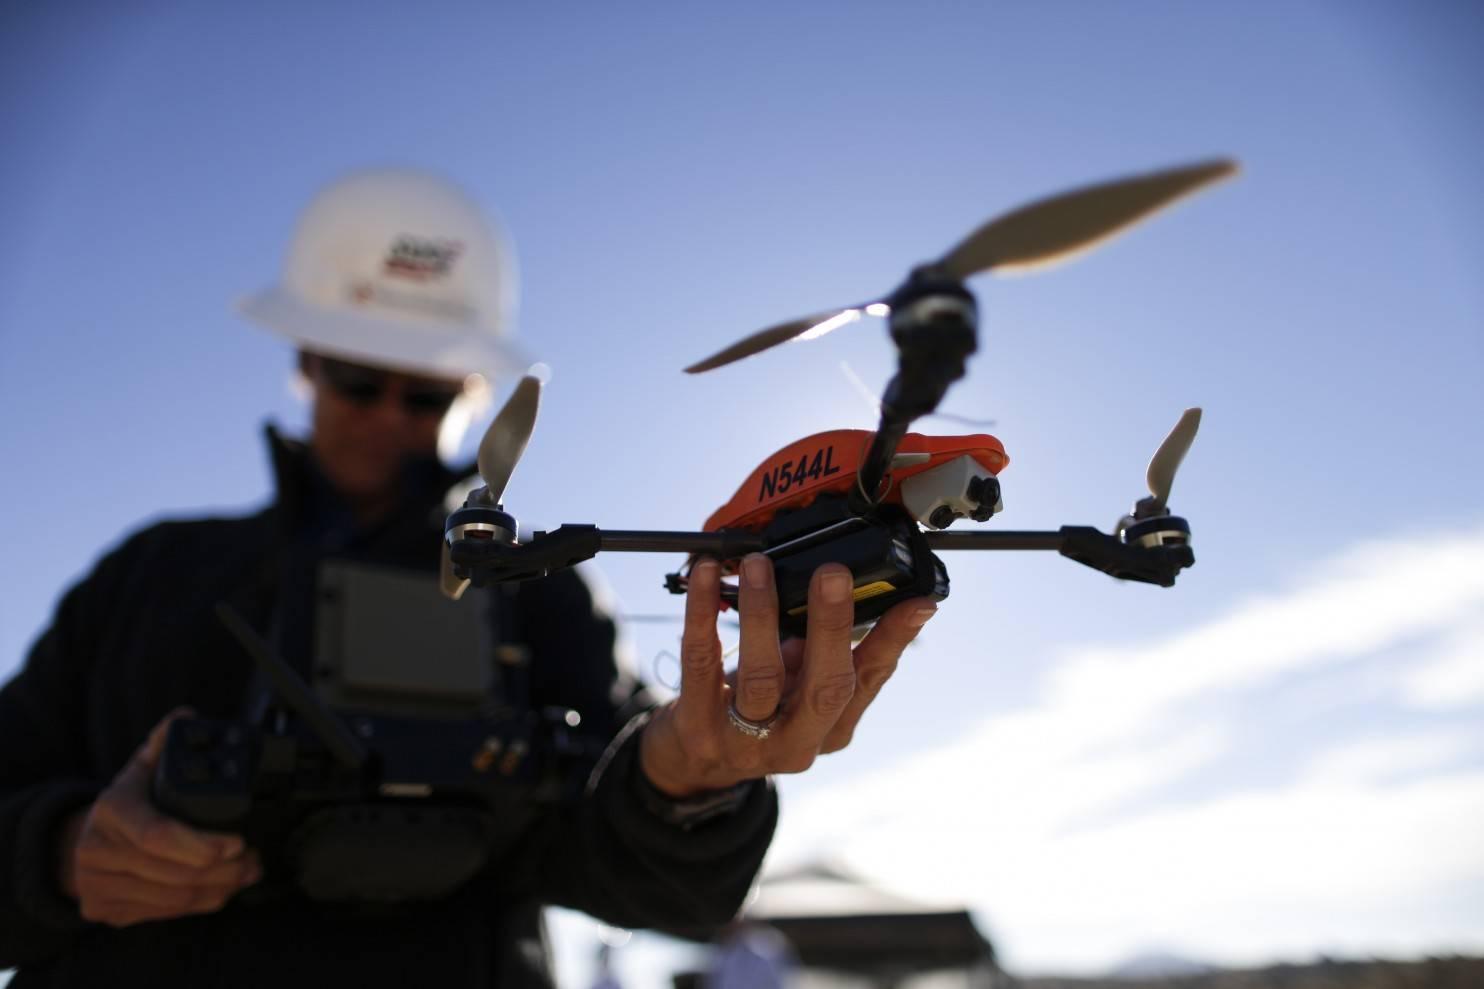 FAA_Drones-05da2-771